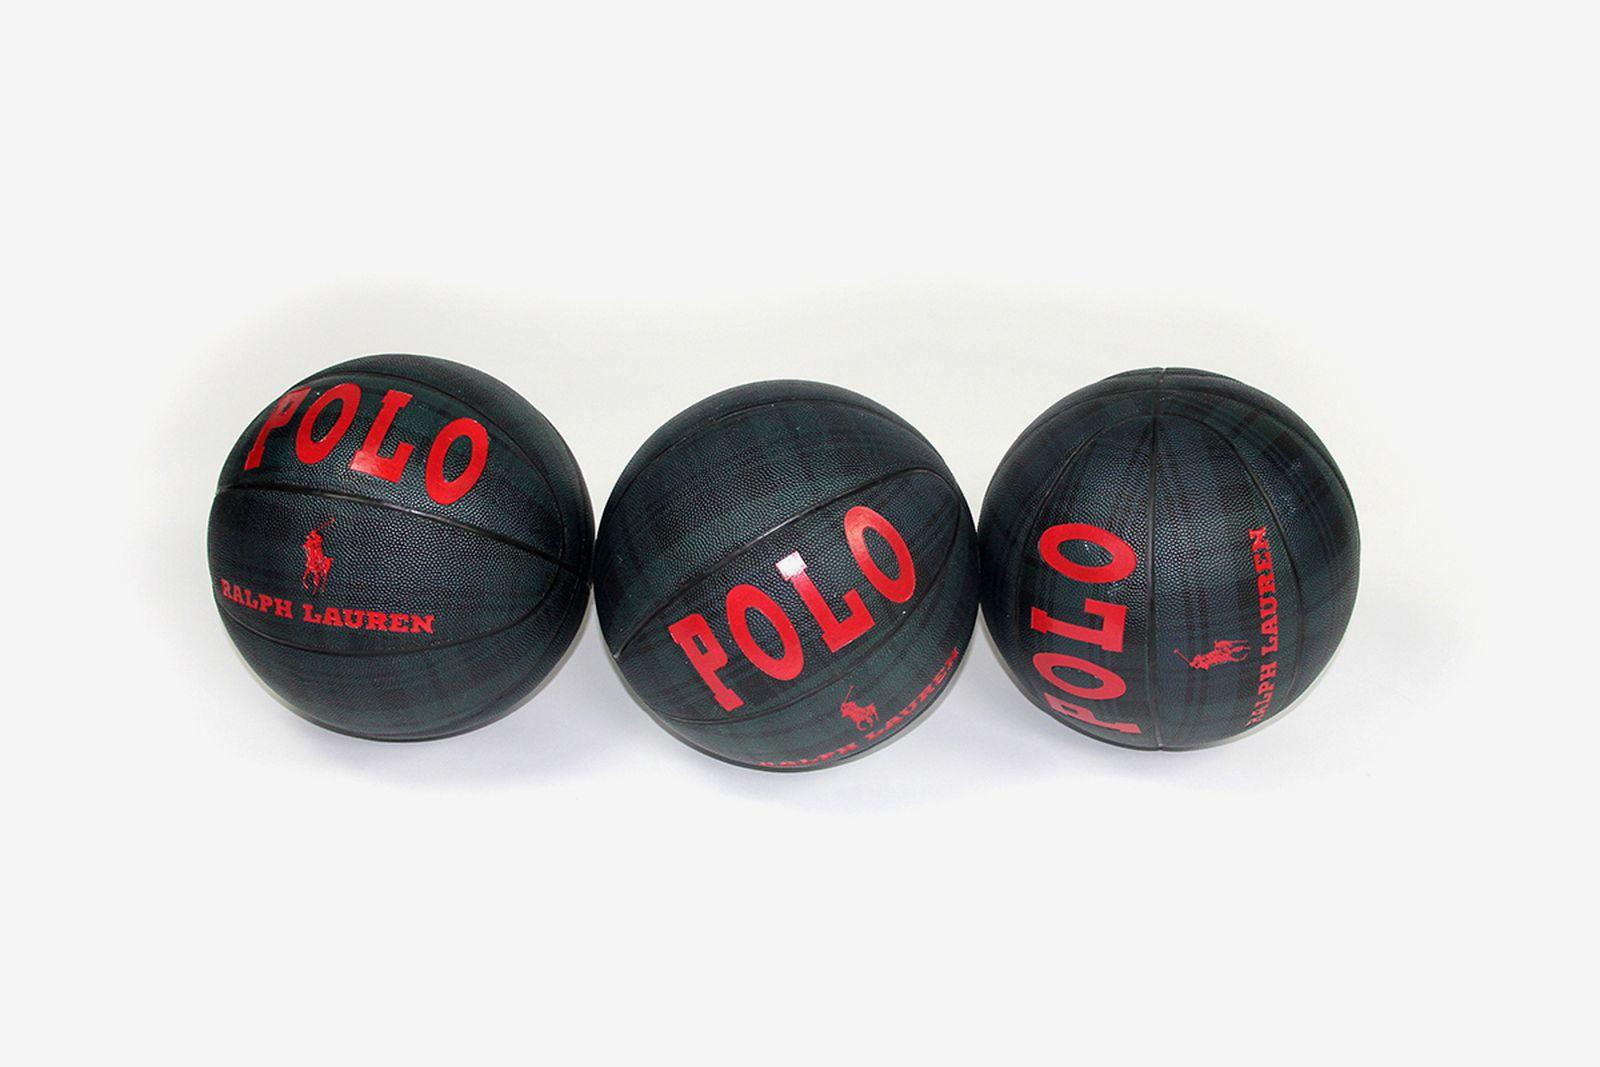 Polo Basketballs